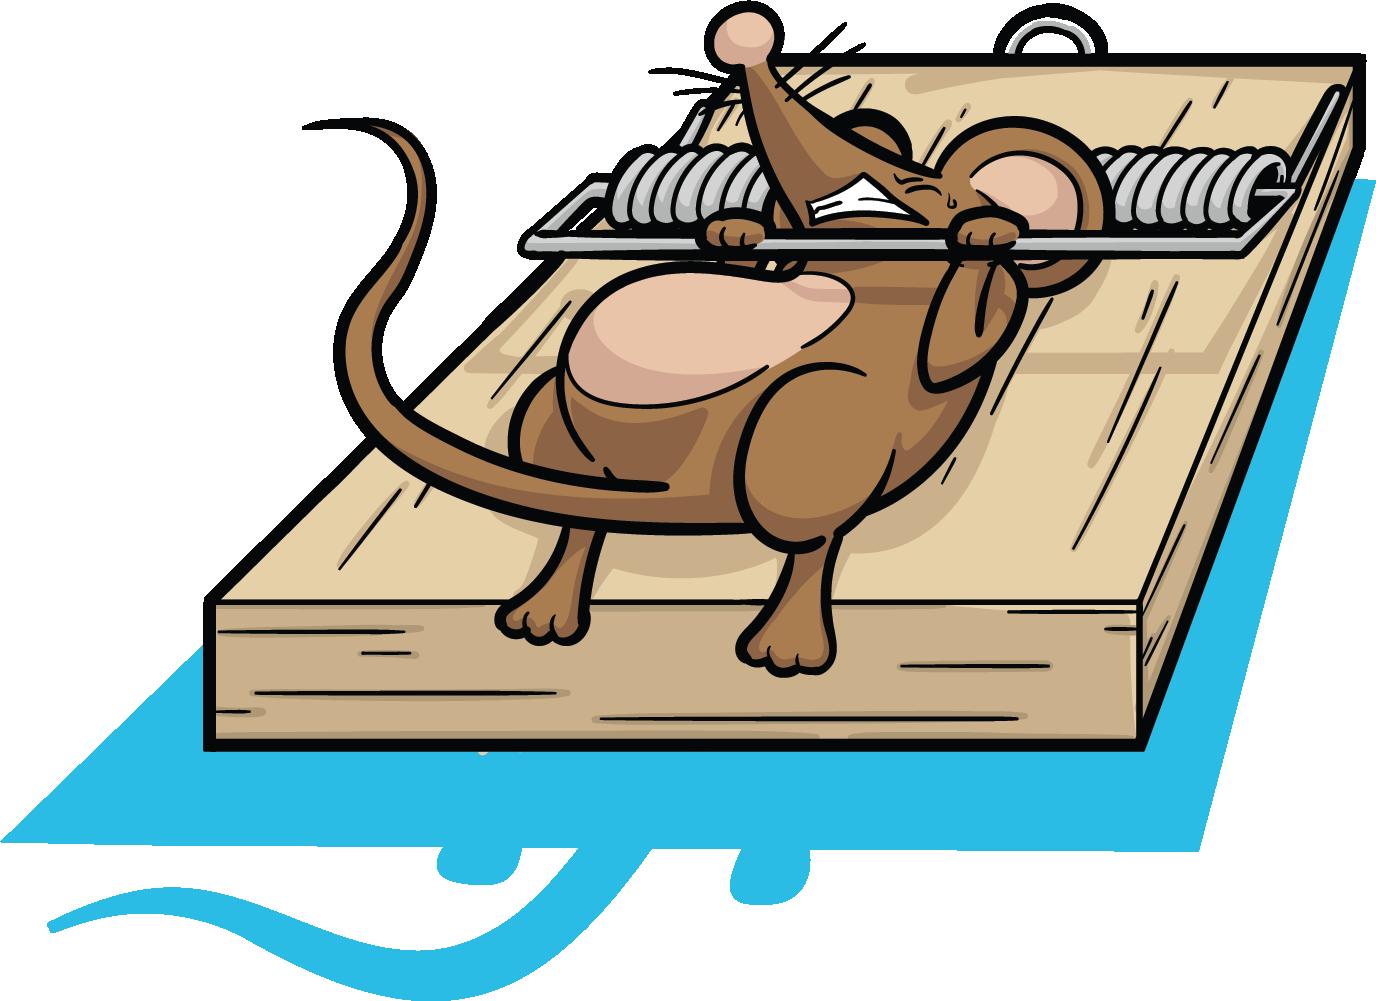 Home clipart rat. Mousetrap clip art trap